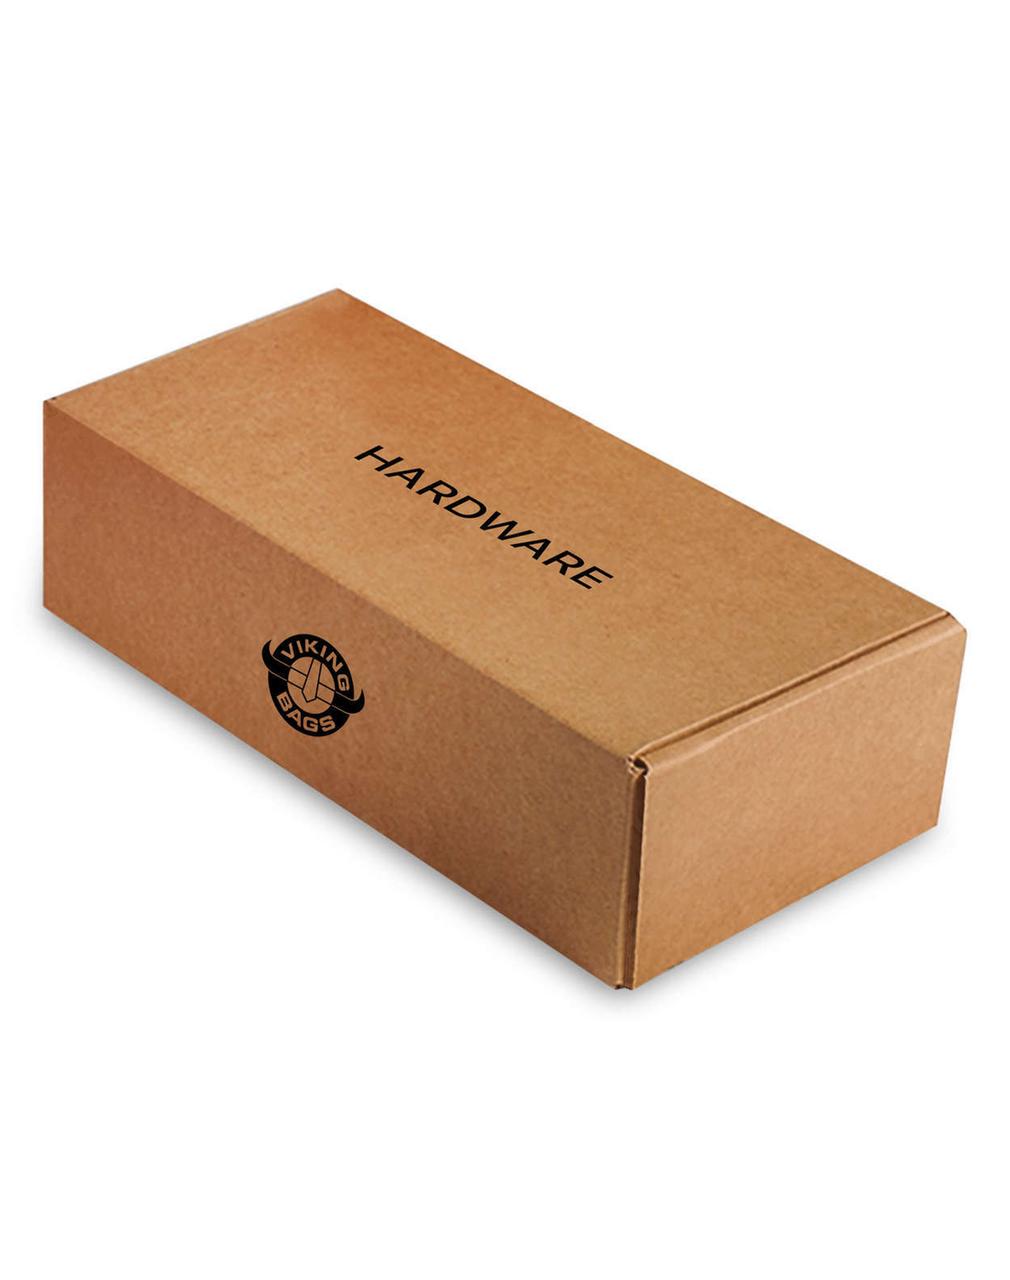 Honda Rebel 500 Shock Cutout Slanted Studded Large Motorcycle Saddlebags Hardware Box